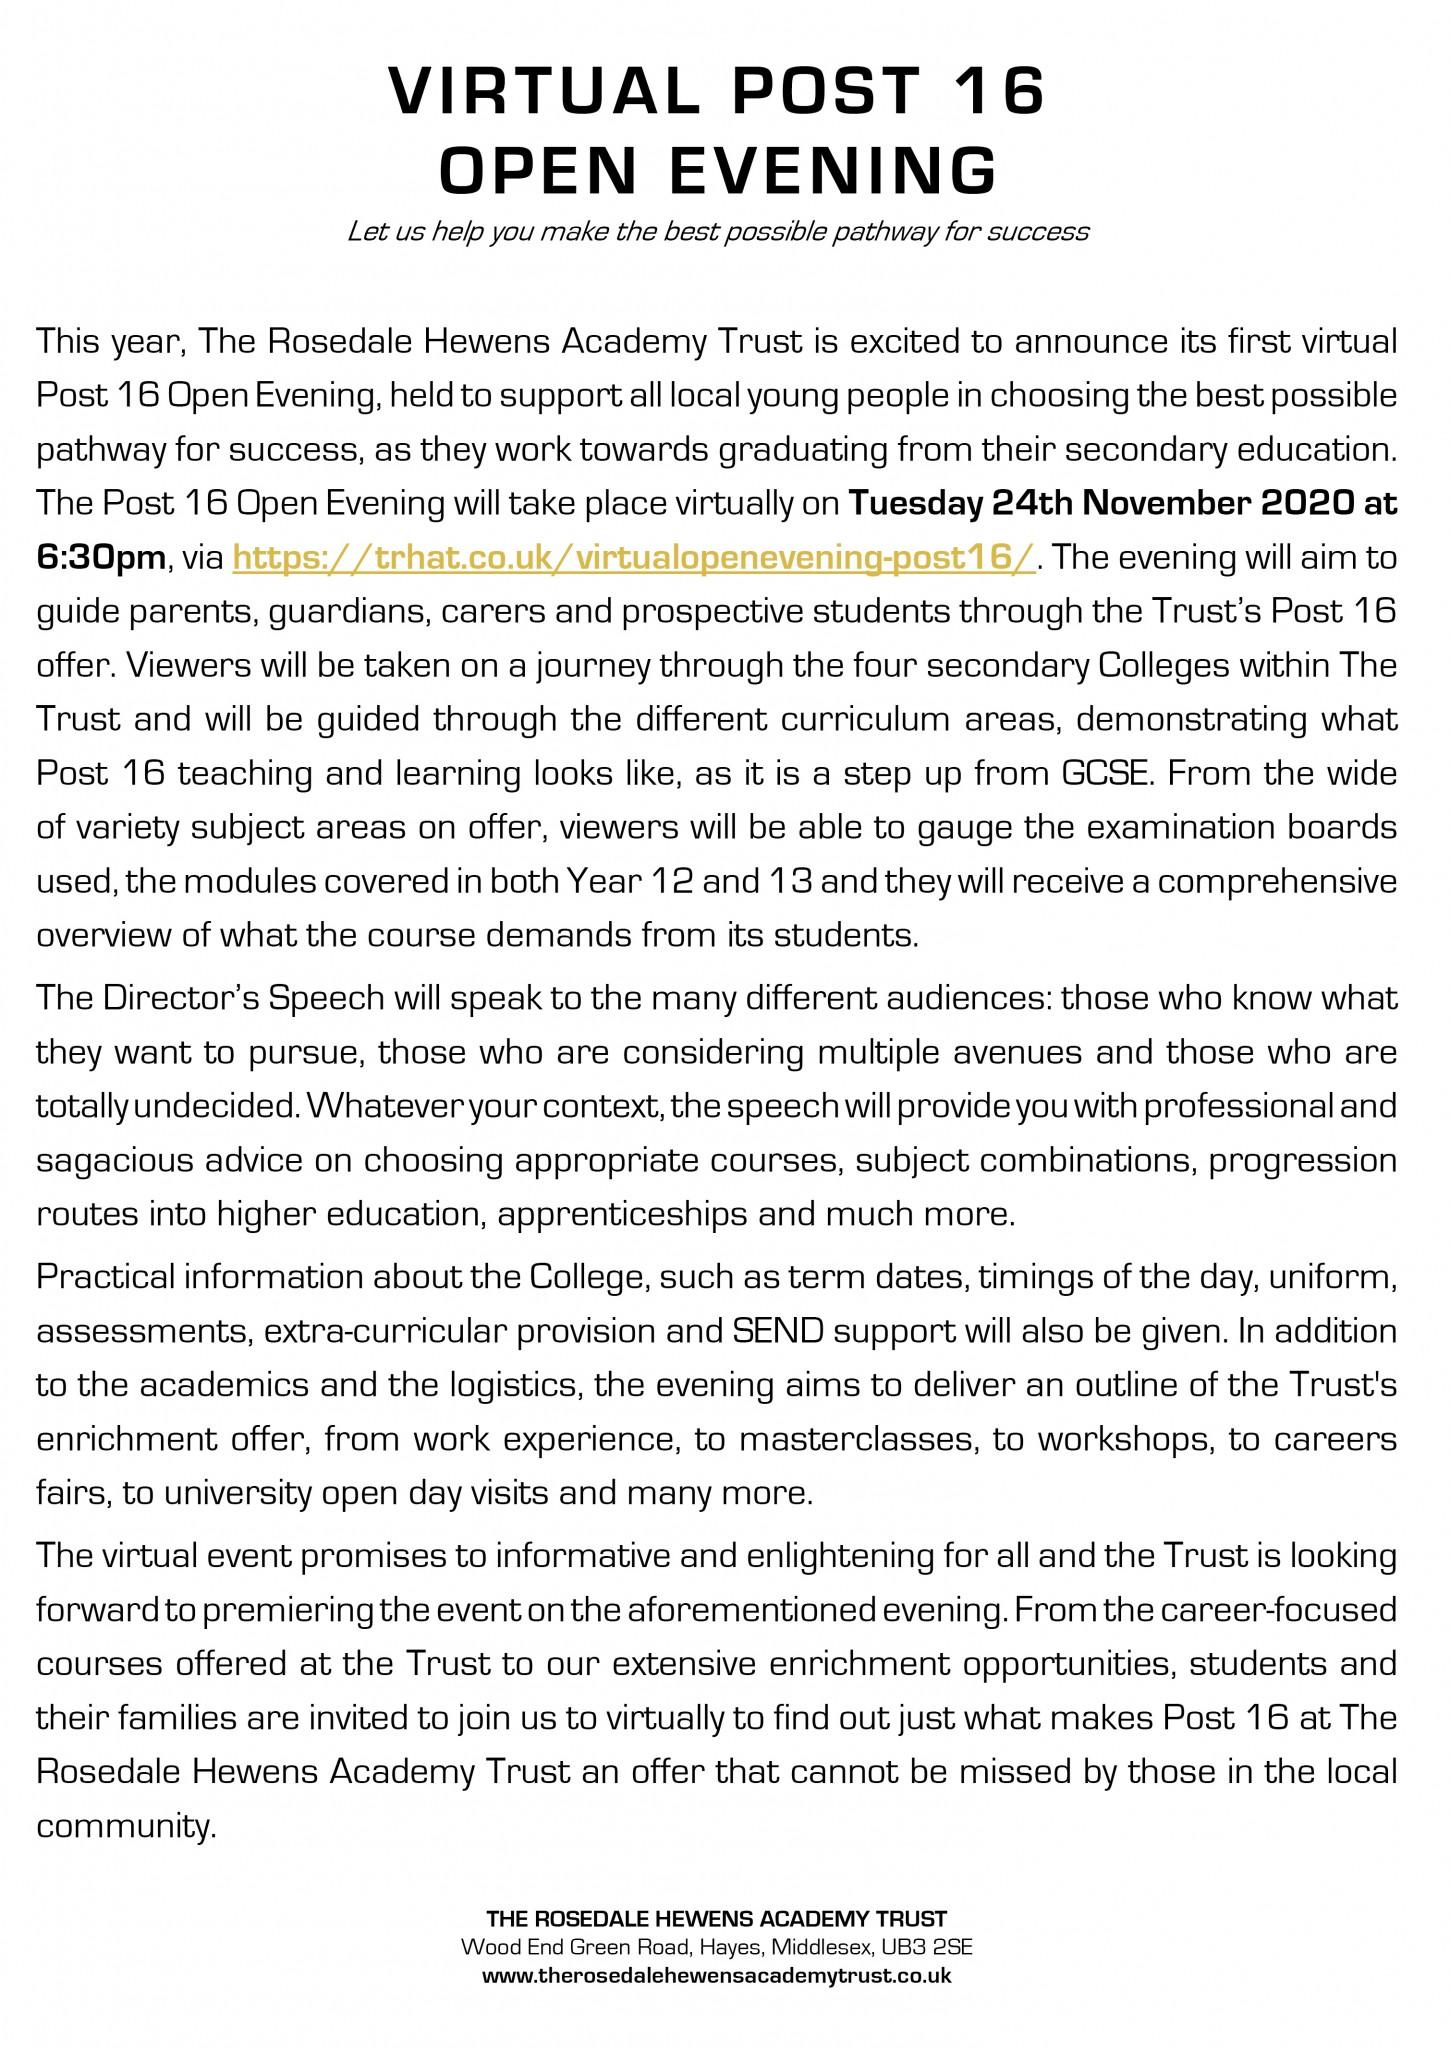 Post 16 Open Evening Advert wording 17.11.20